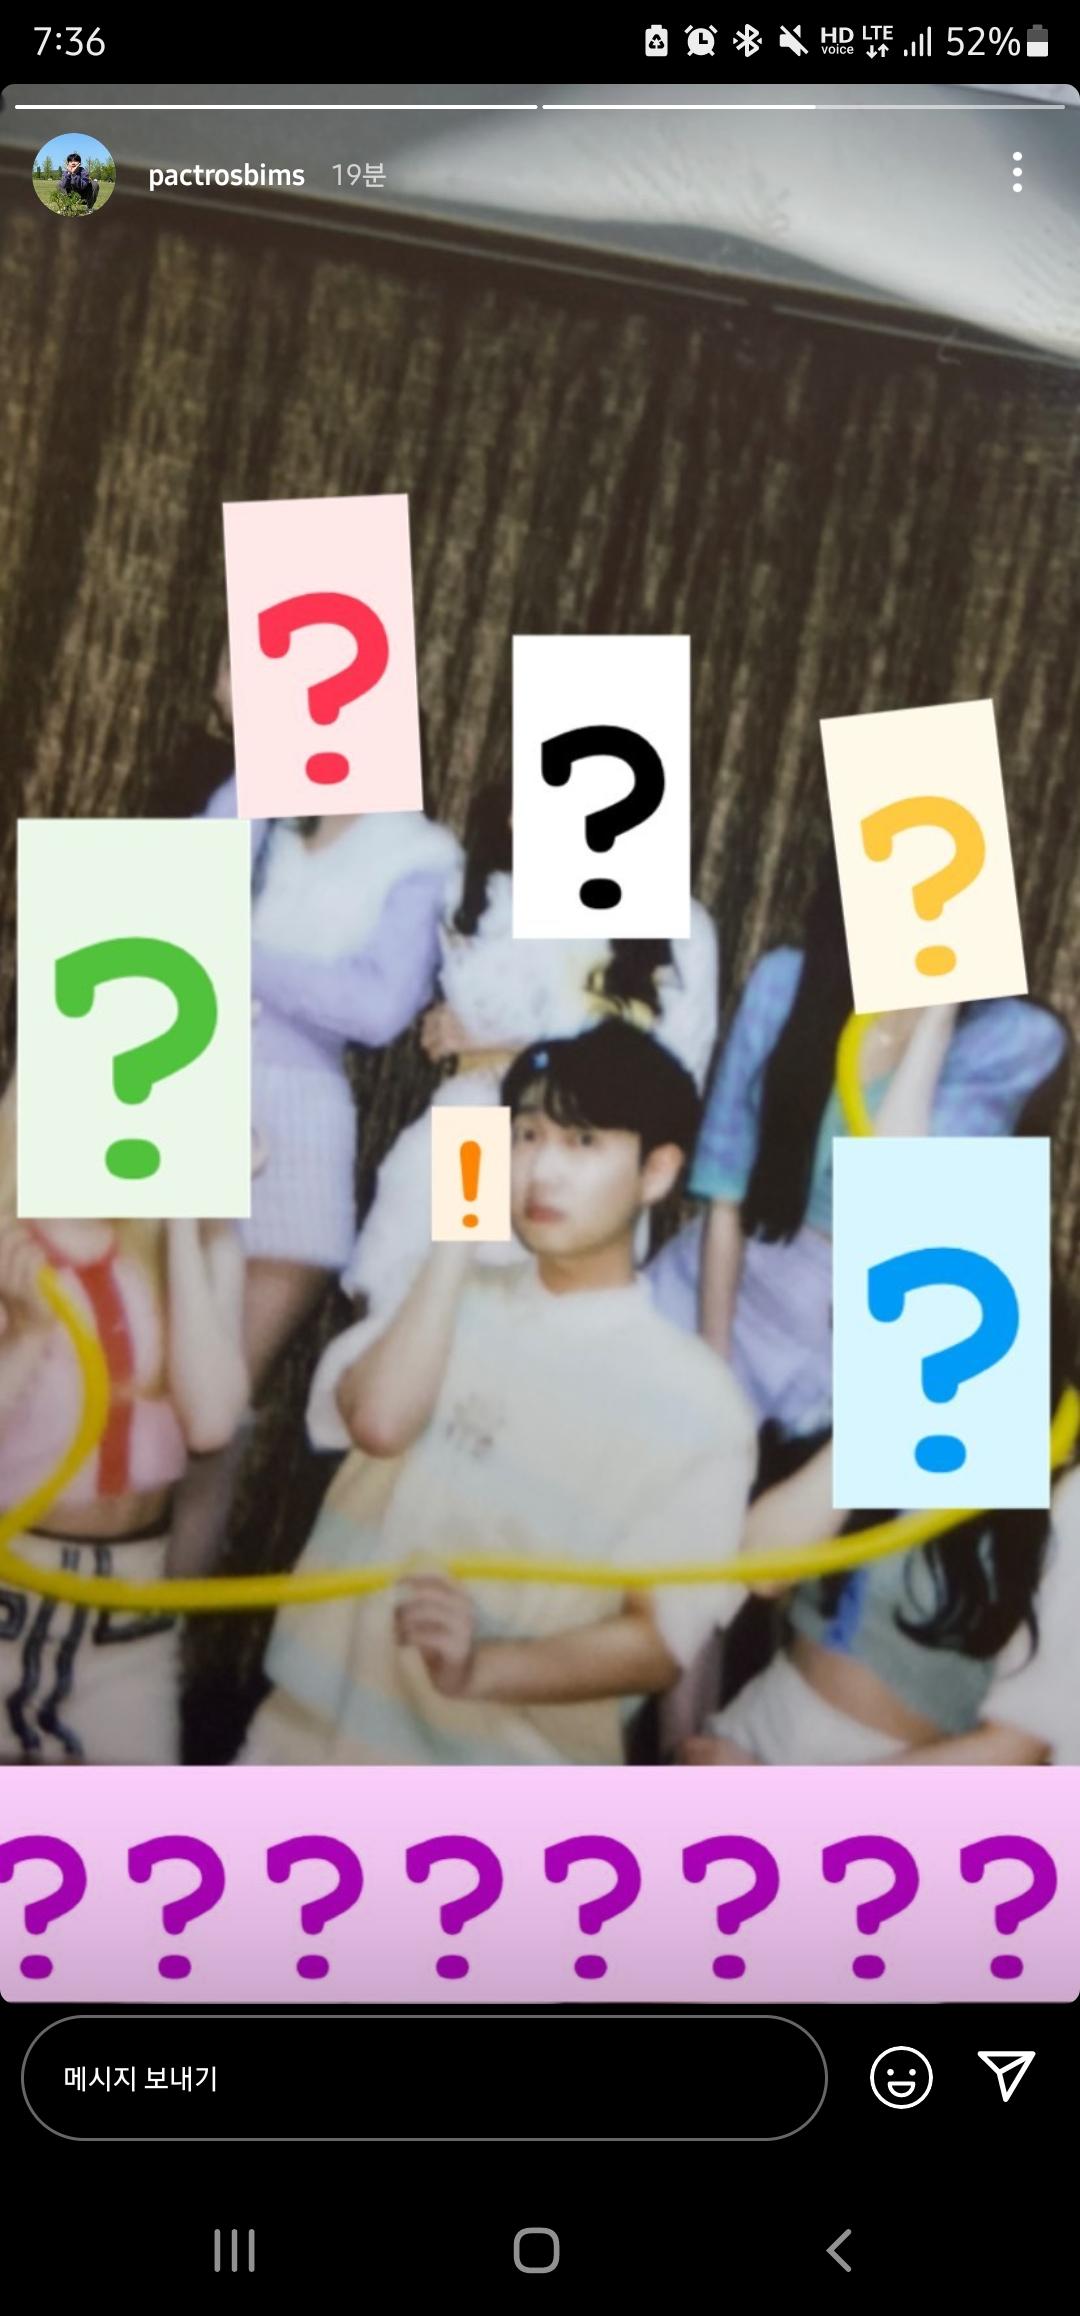 [잡담] 땡깡 스토리 여돌 누구야?   인스티즈